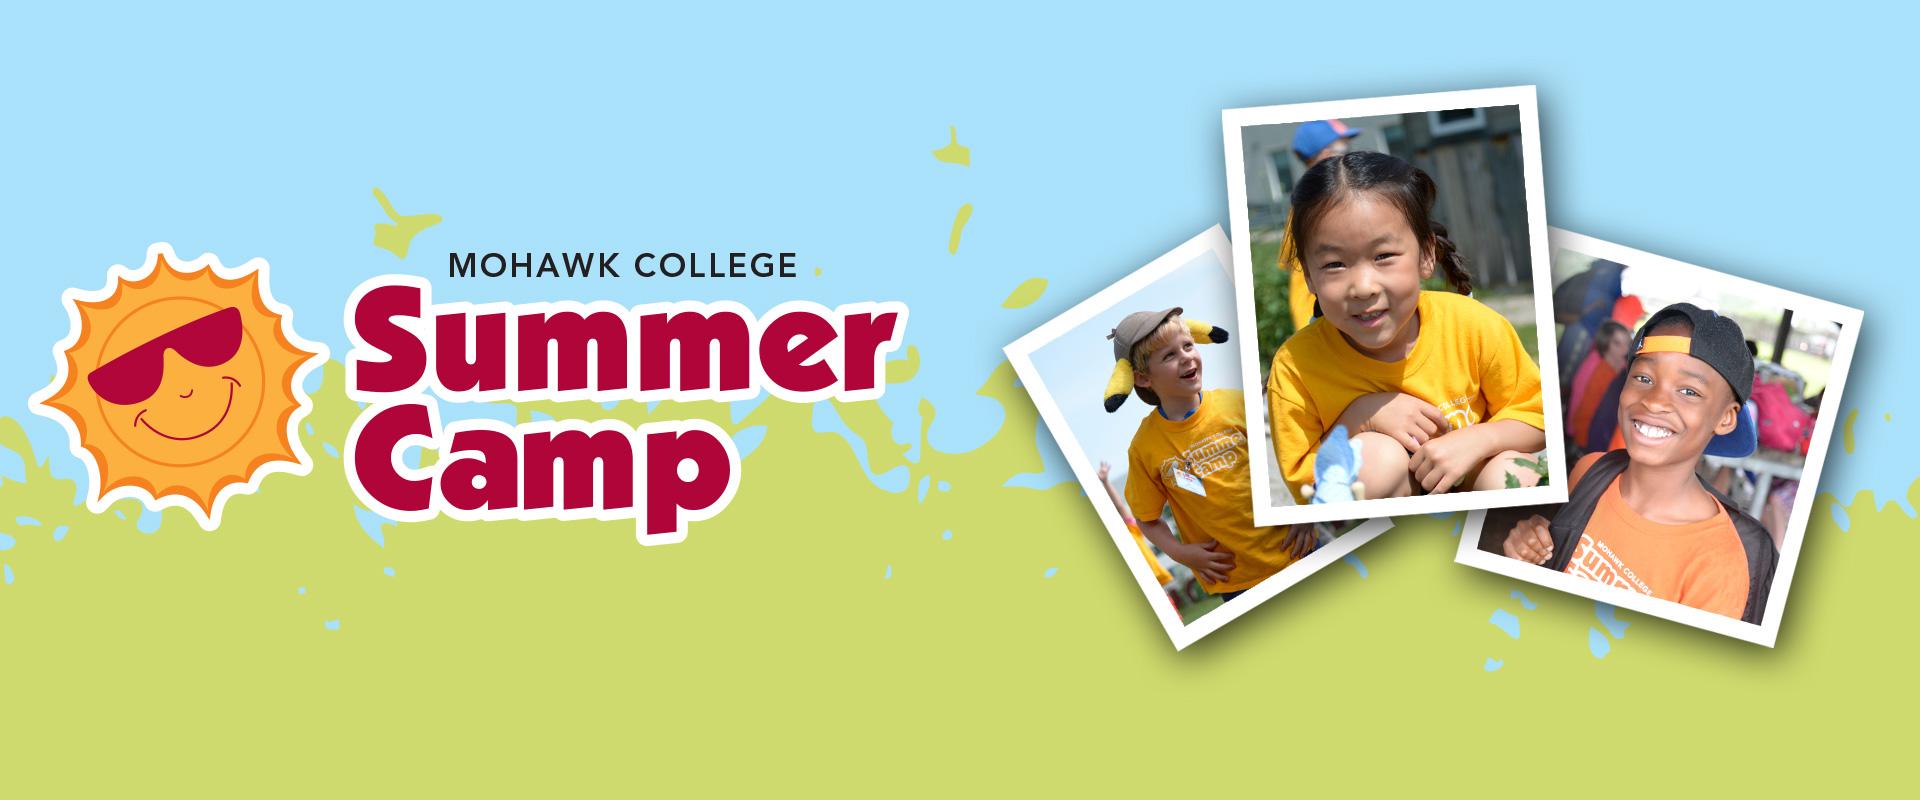 summer-camp-banner-2019a